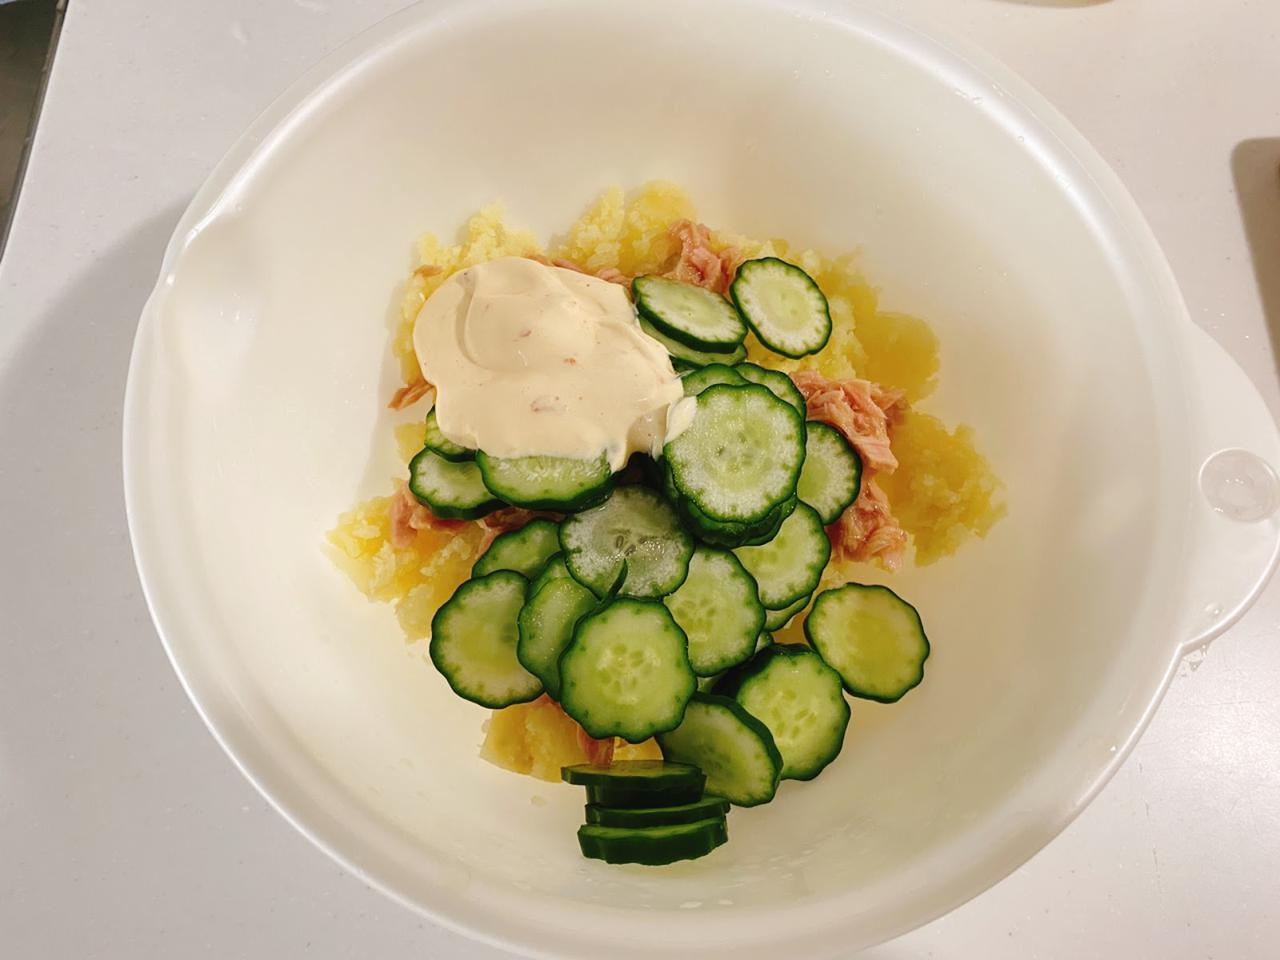 画像: きゅうりとツナのピリ辛ポテトサラダの作り方